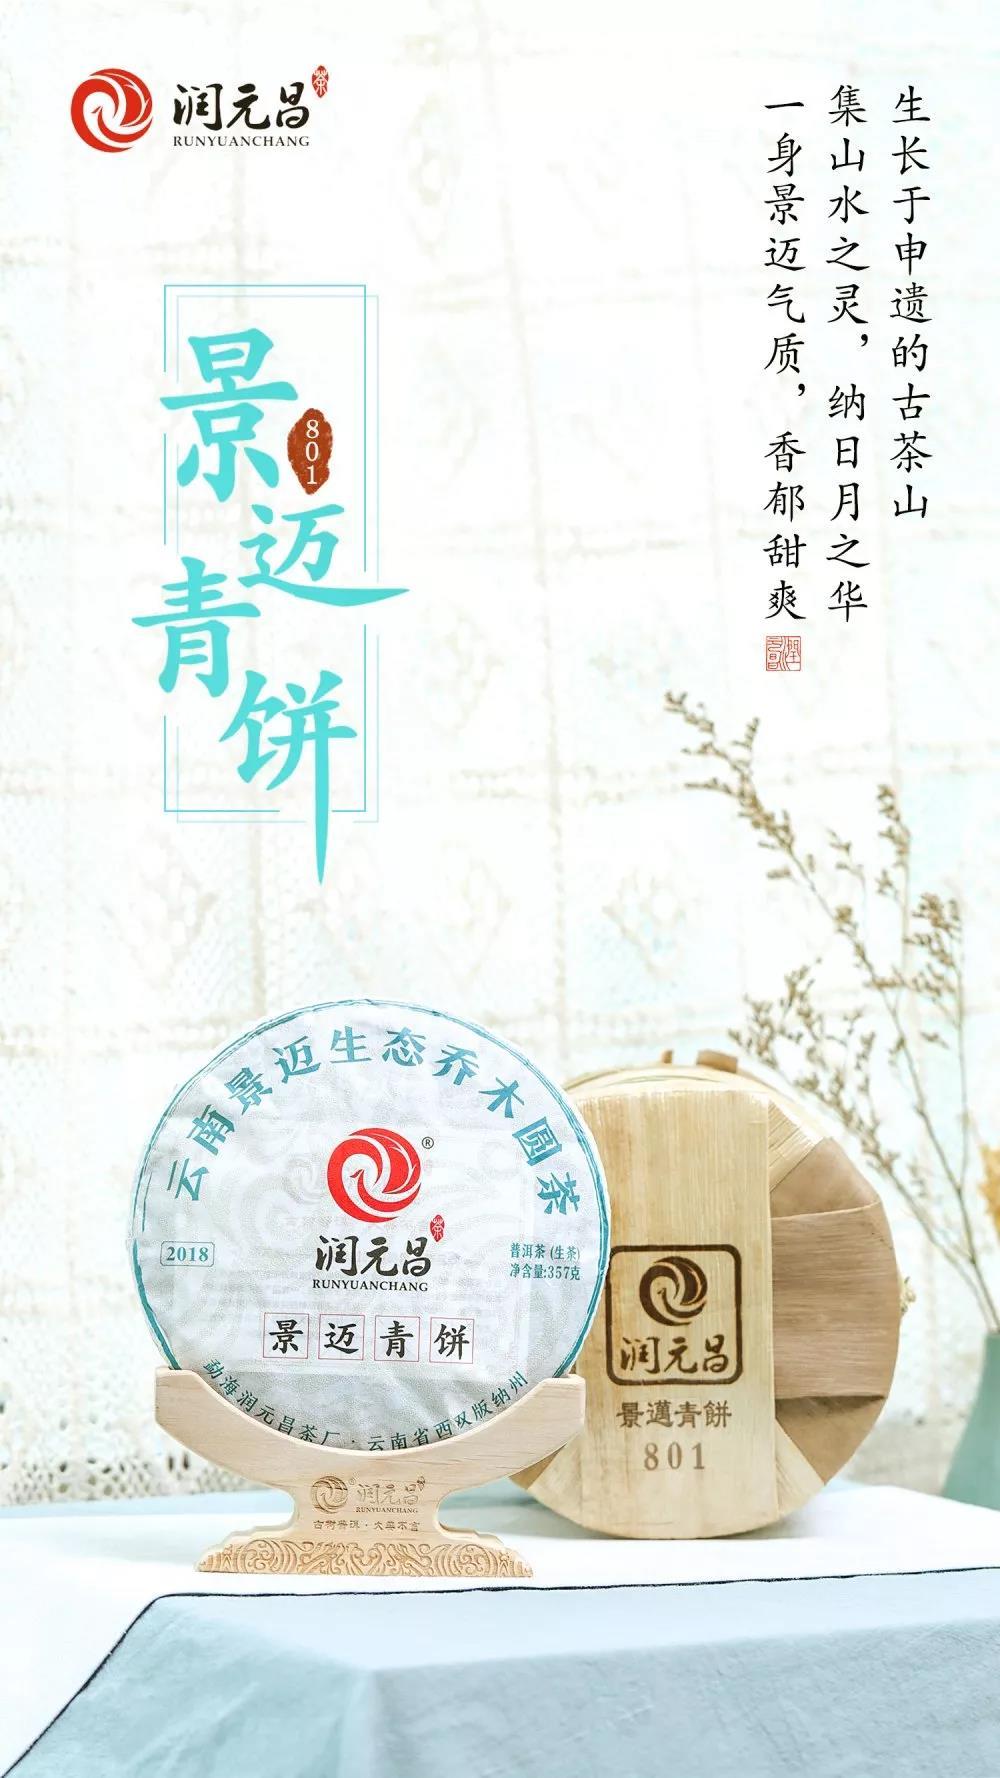 润元昌景迈青饼